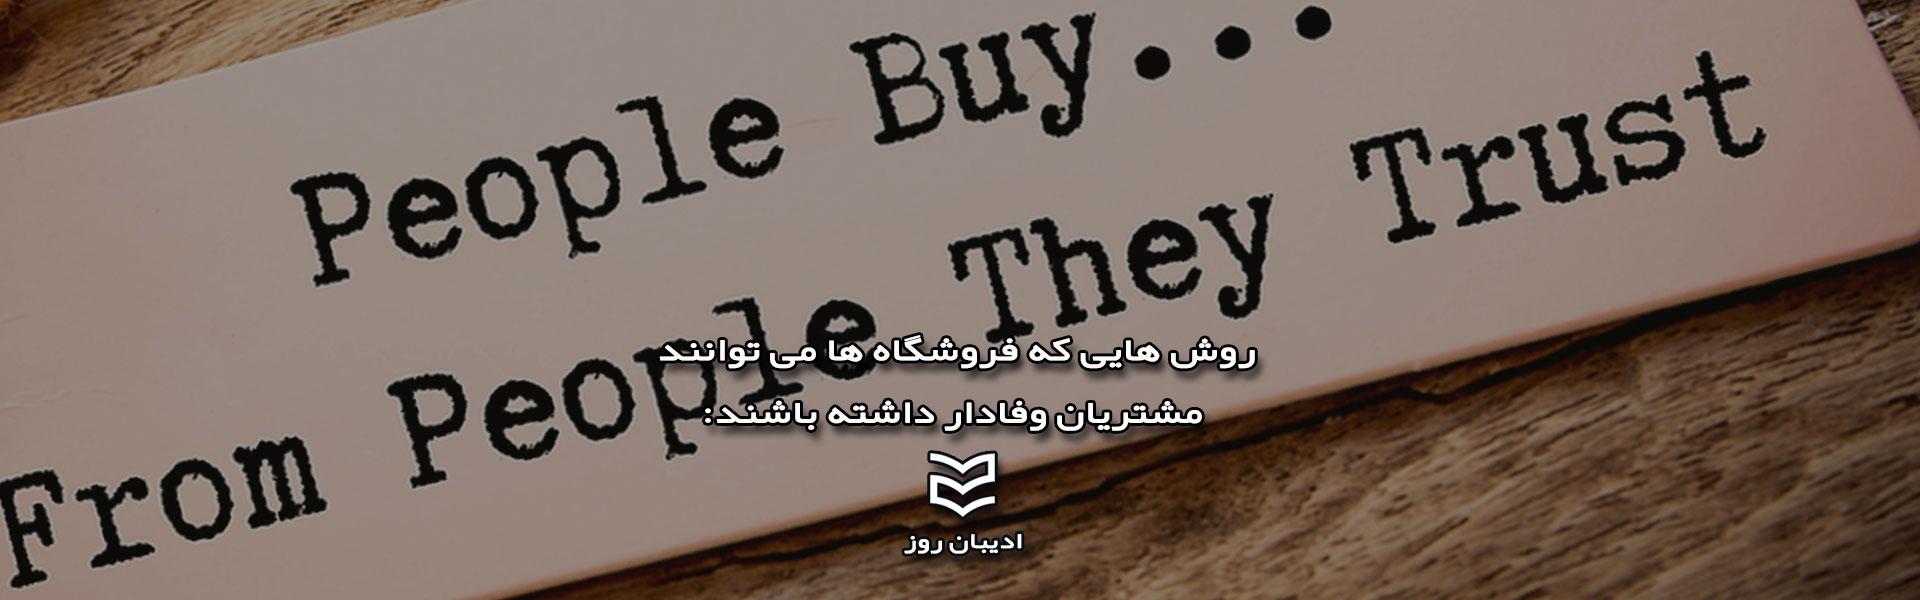 روش های جذب مشتری وفادار در فروشگاه ها